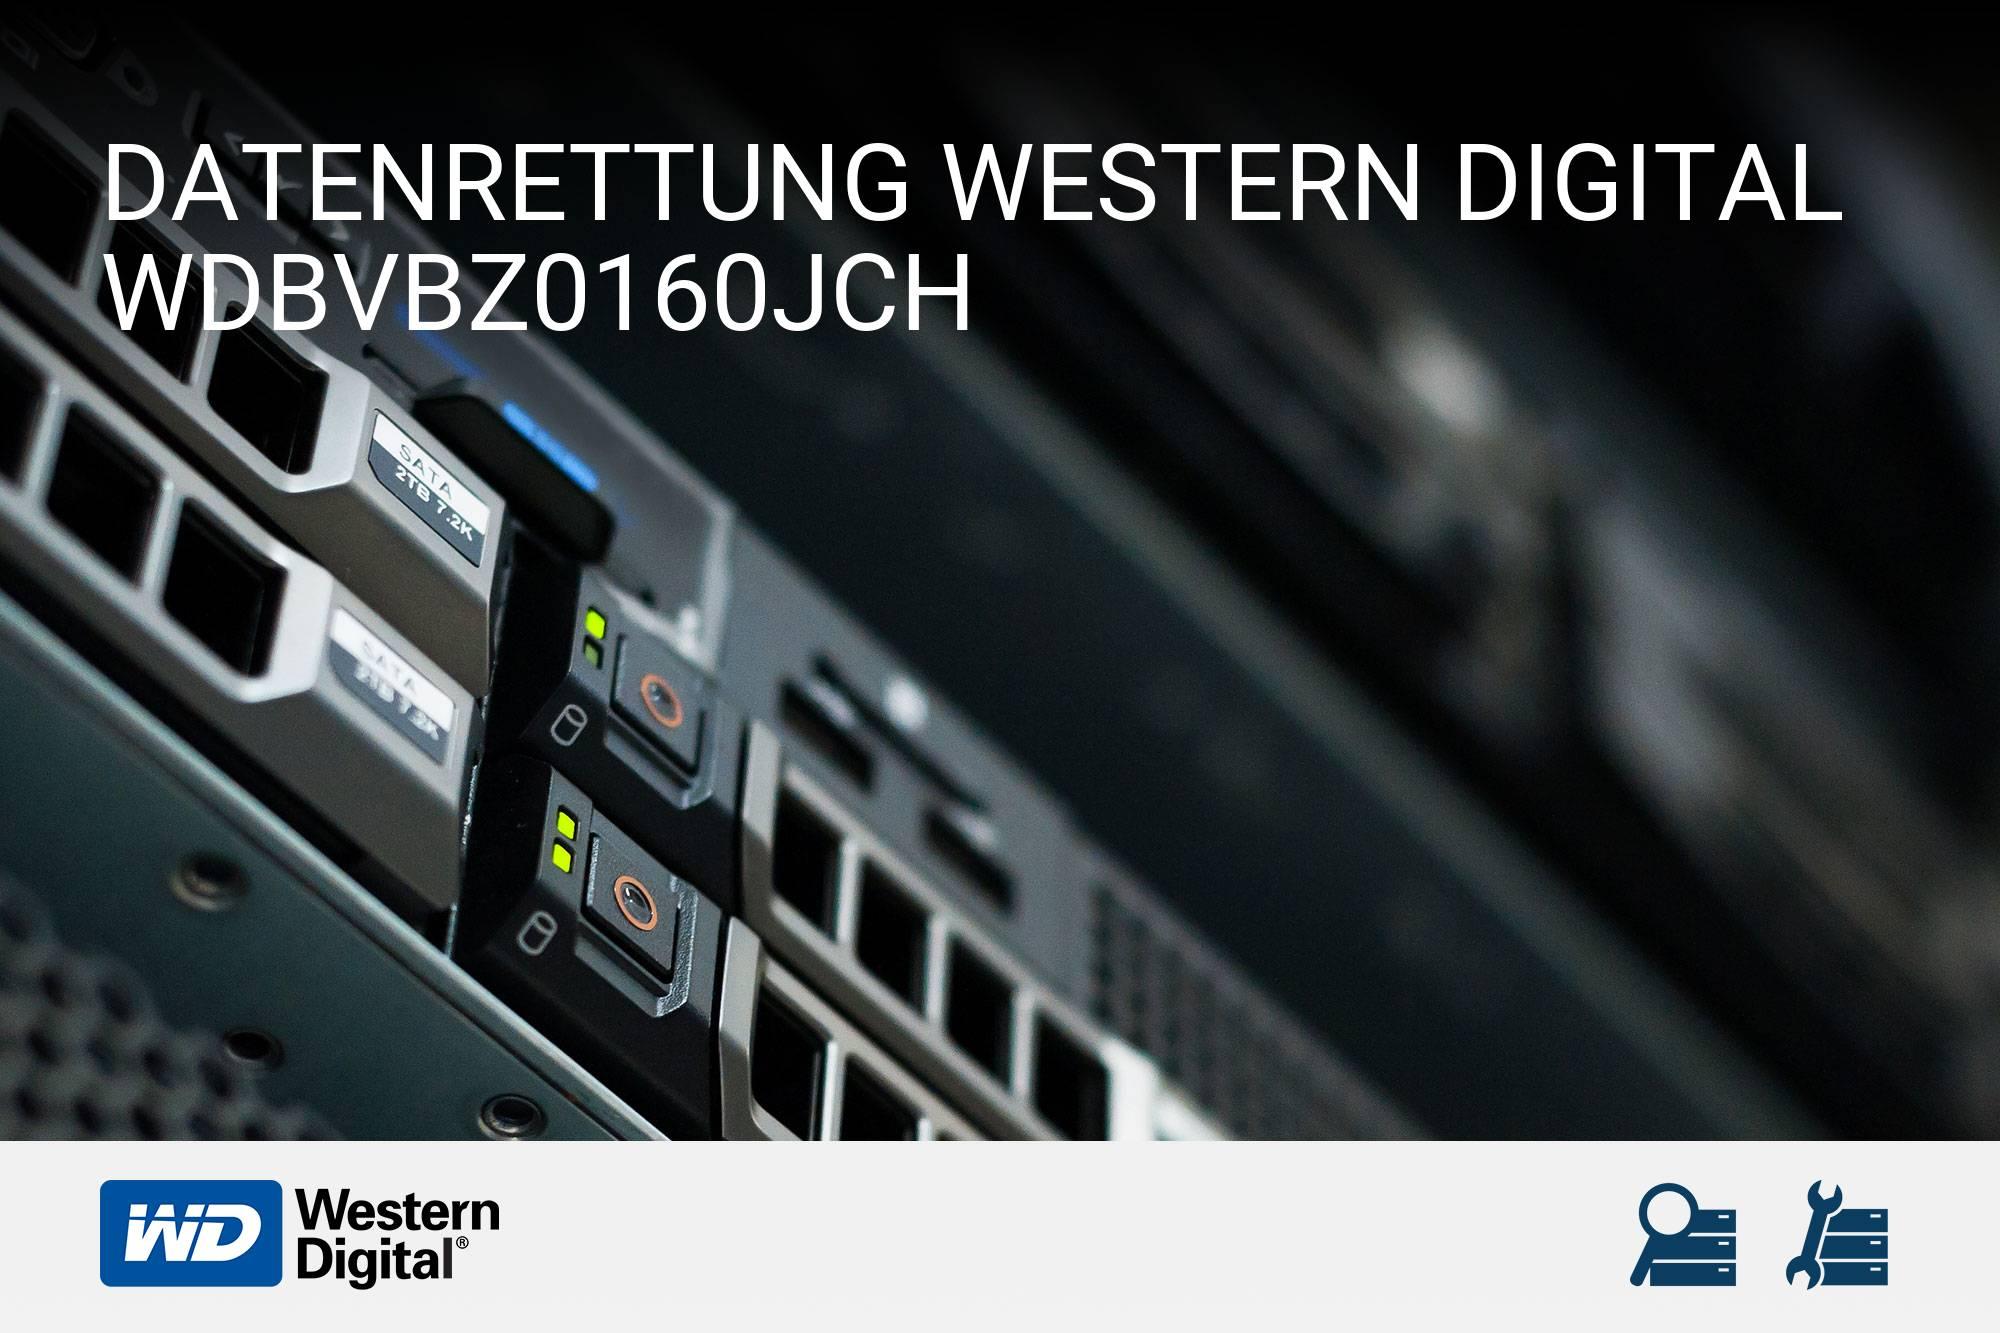 Western Digital WDBVBZ0160JCH